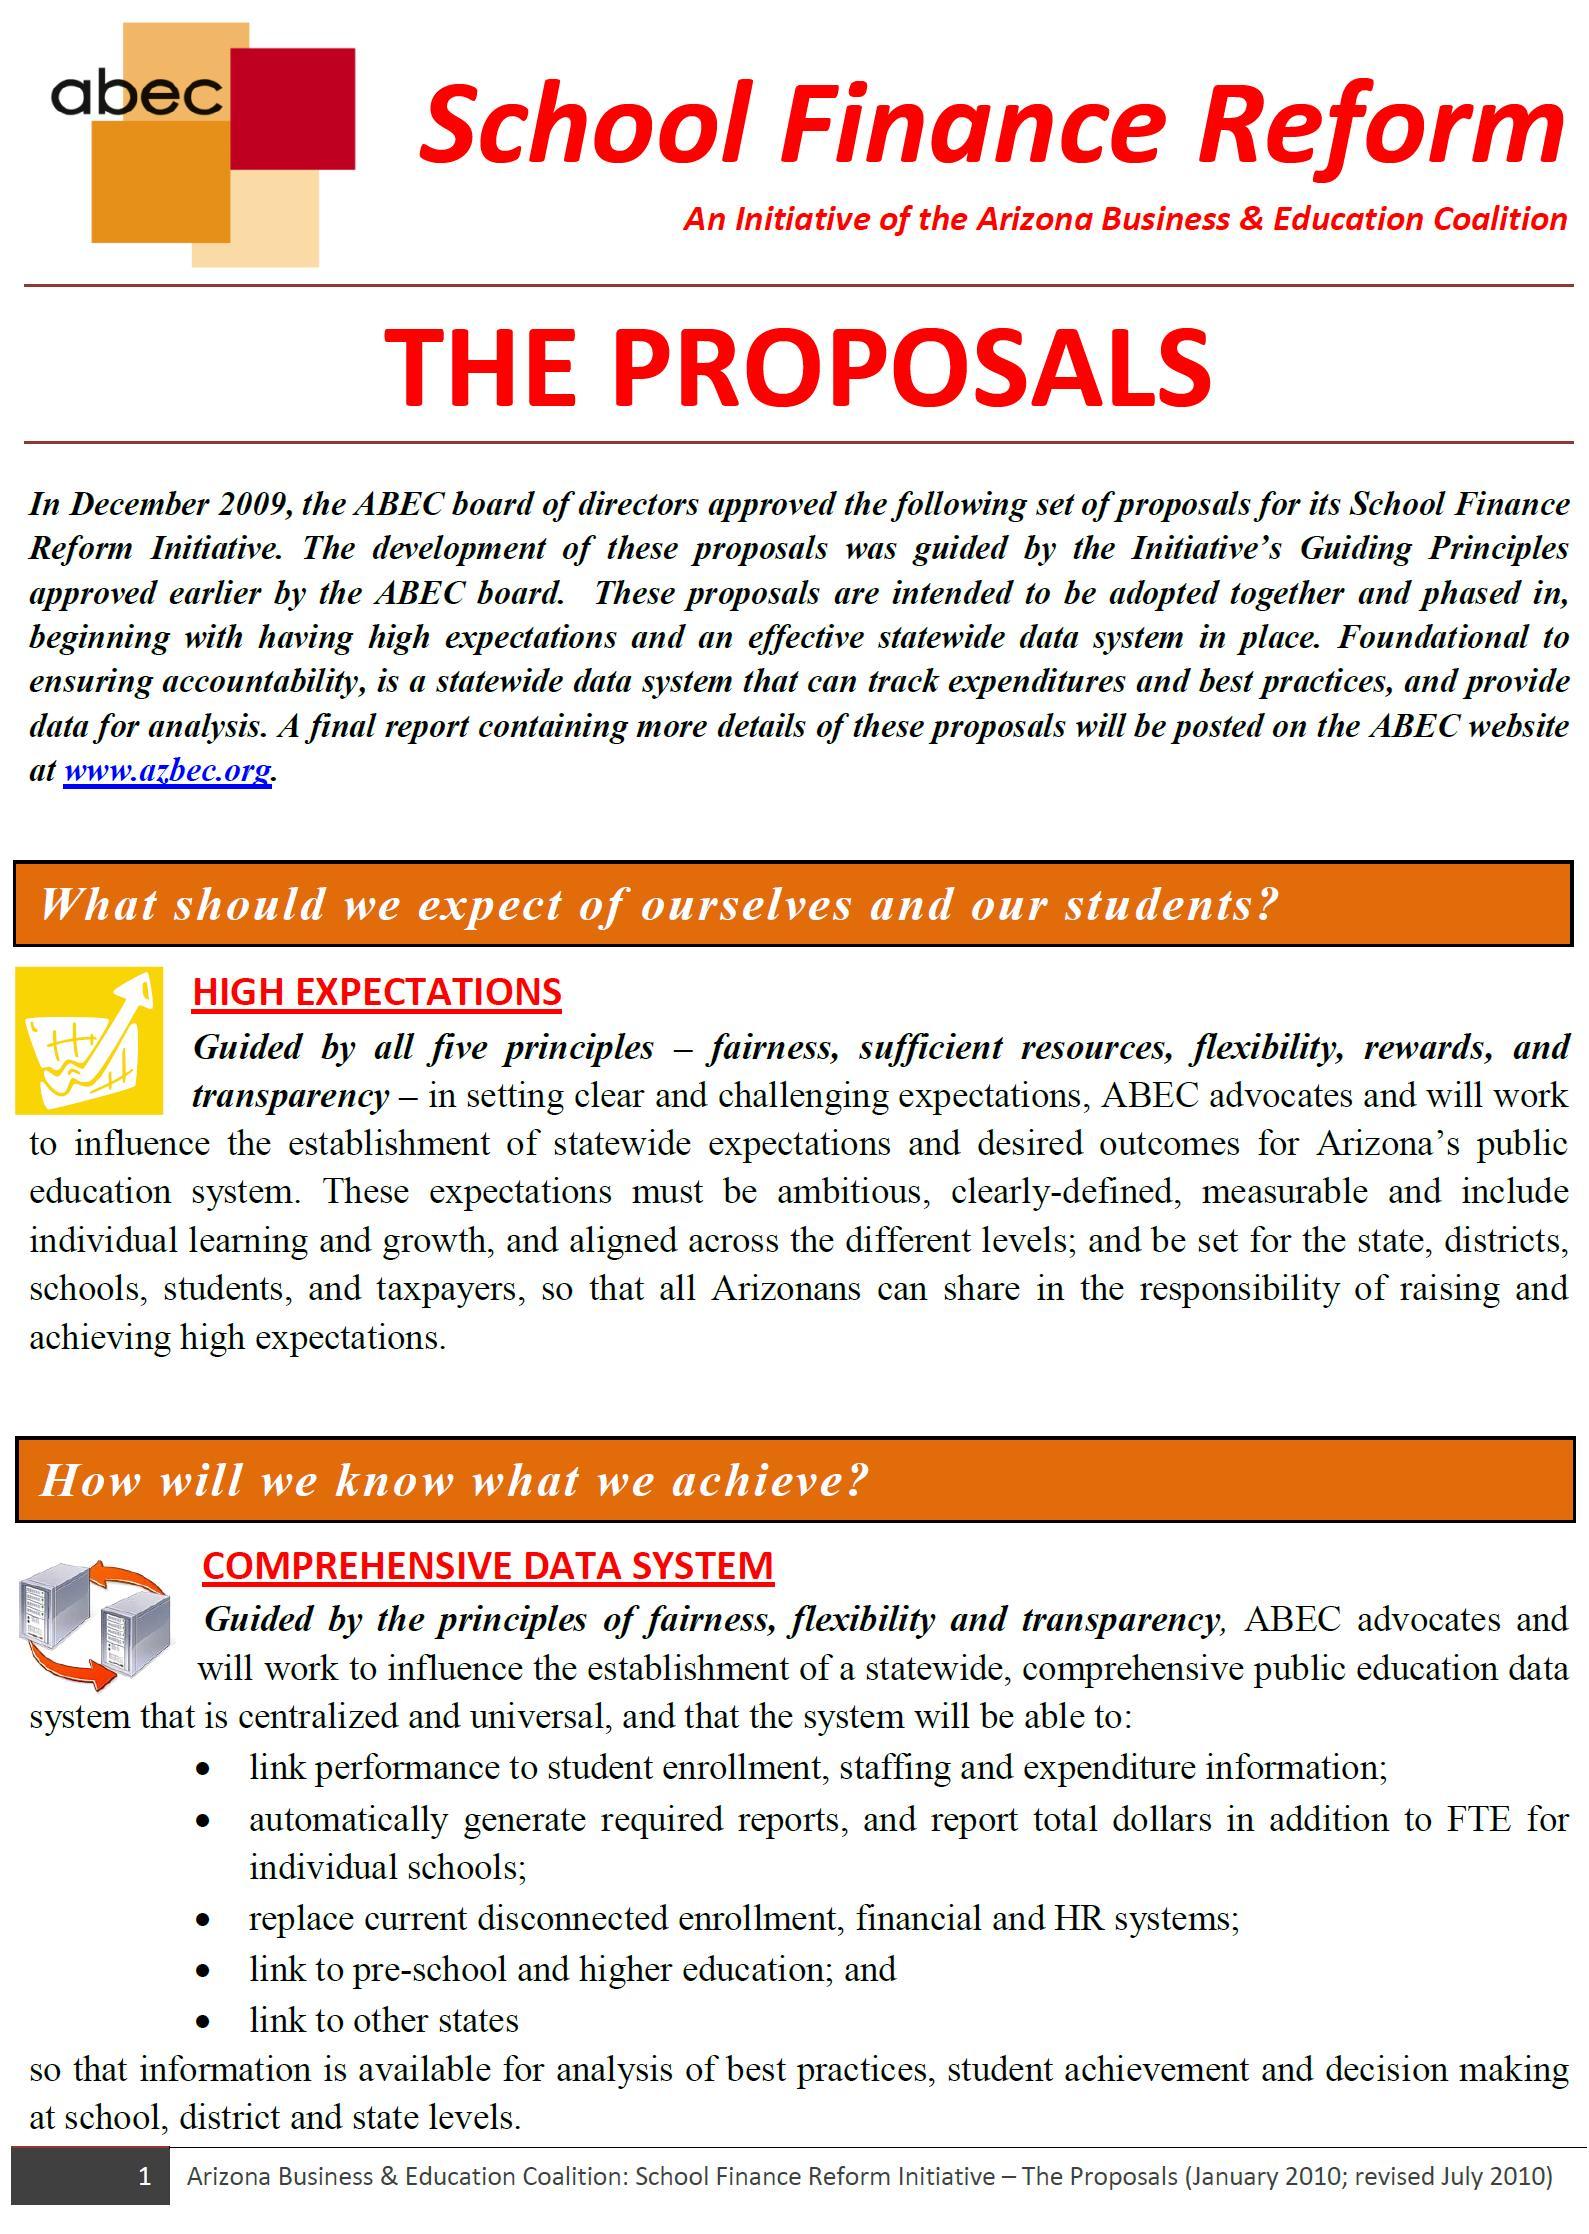 ABEC SFR Proposals Rpt Image